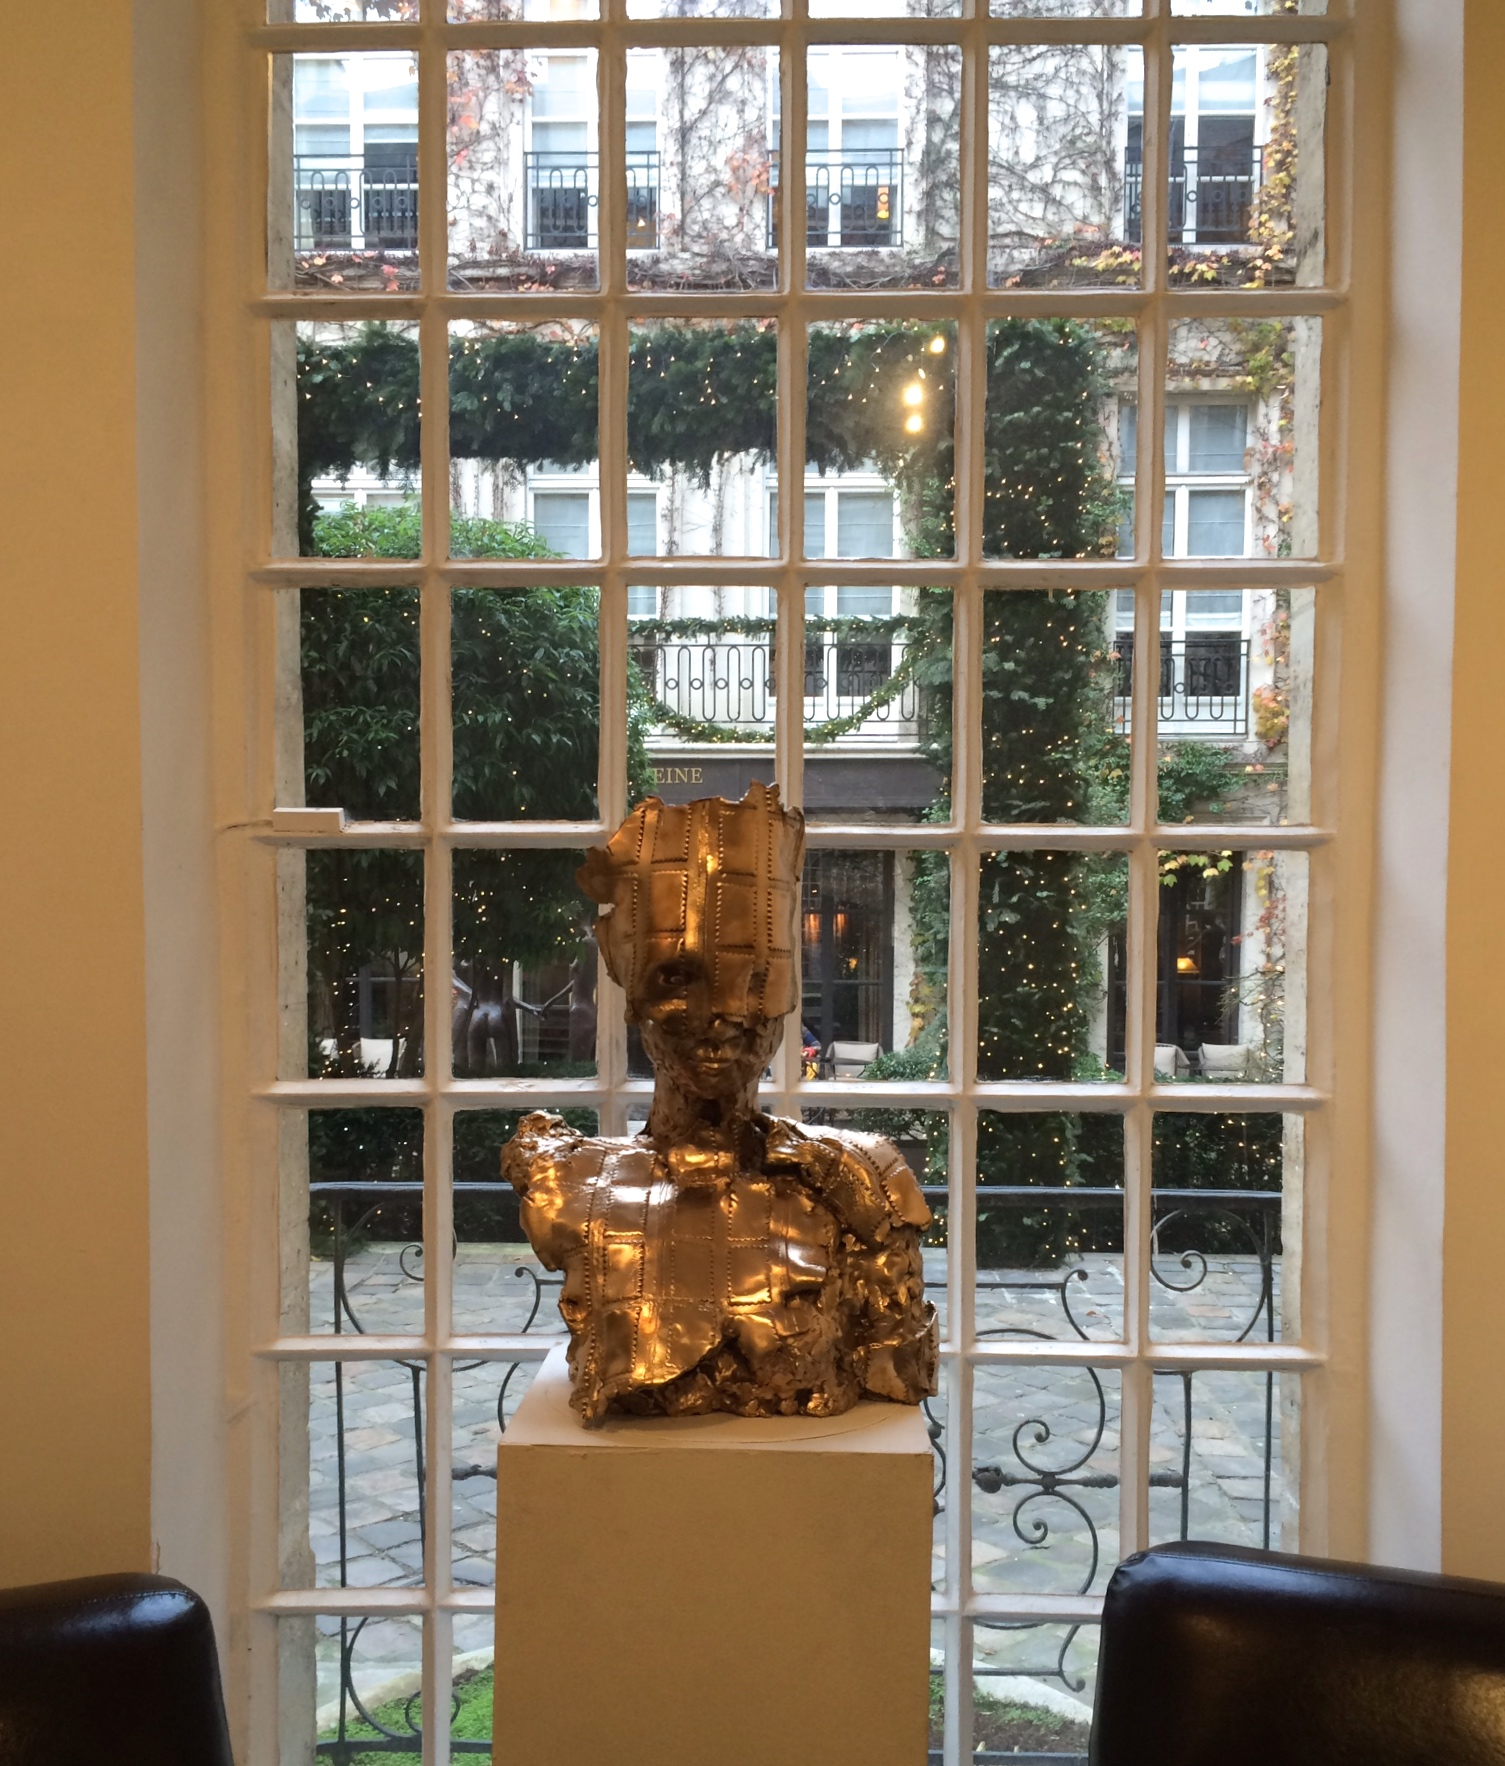 galerie Mark Hachem, Place des Vosges Paris